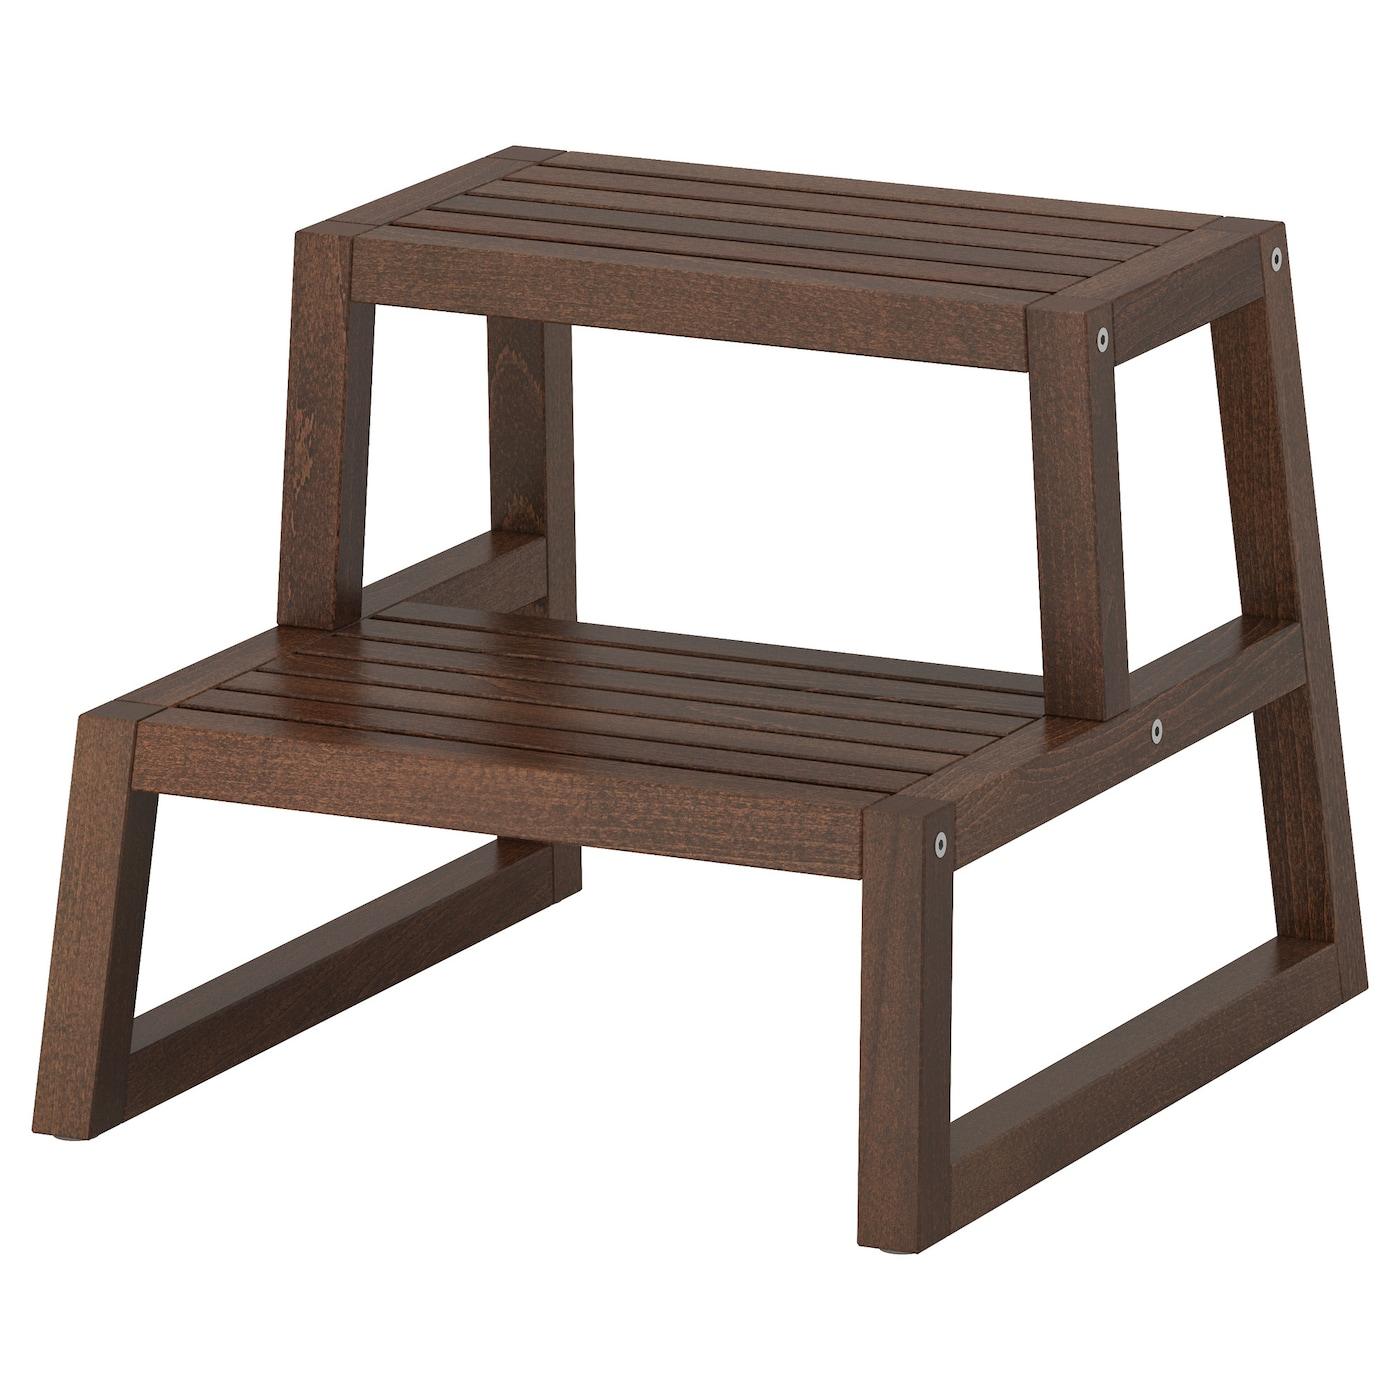 bad dusch hocker online kaufen m bel suchmaschine. Black Bedroom Furniture Sets. Home Design Ideas